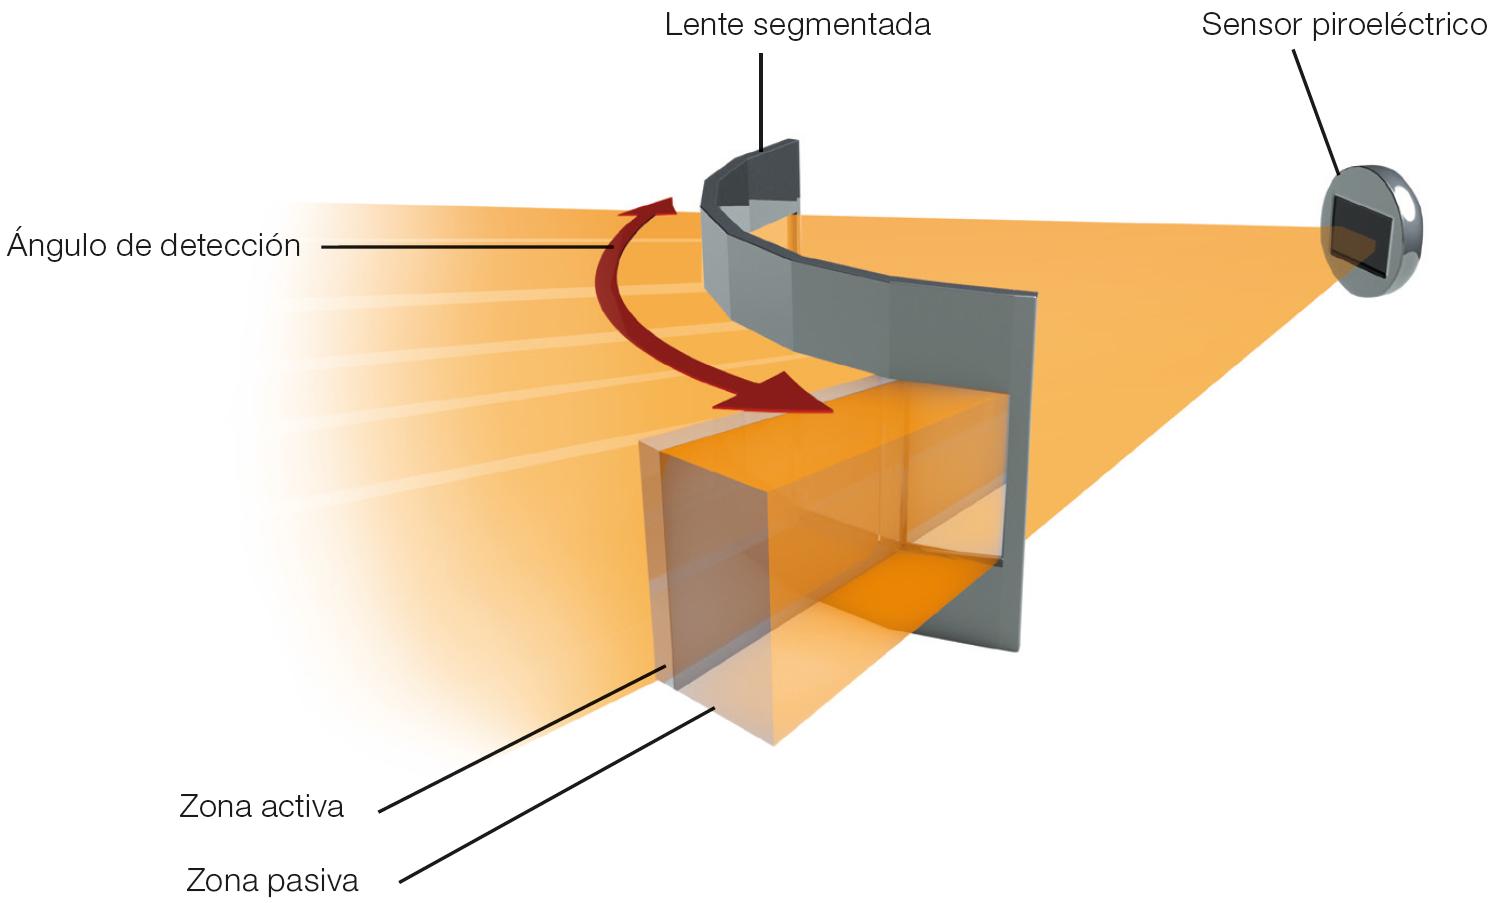 Técnica de sensor: Infrarrojo (IR)